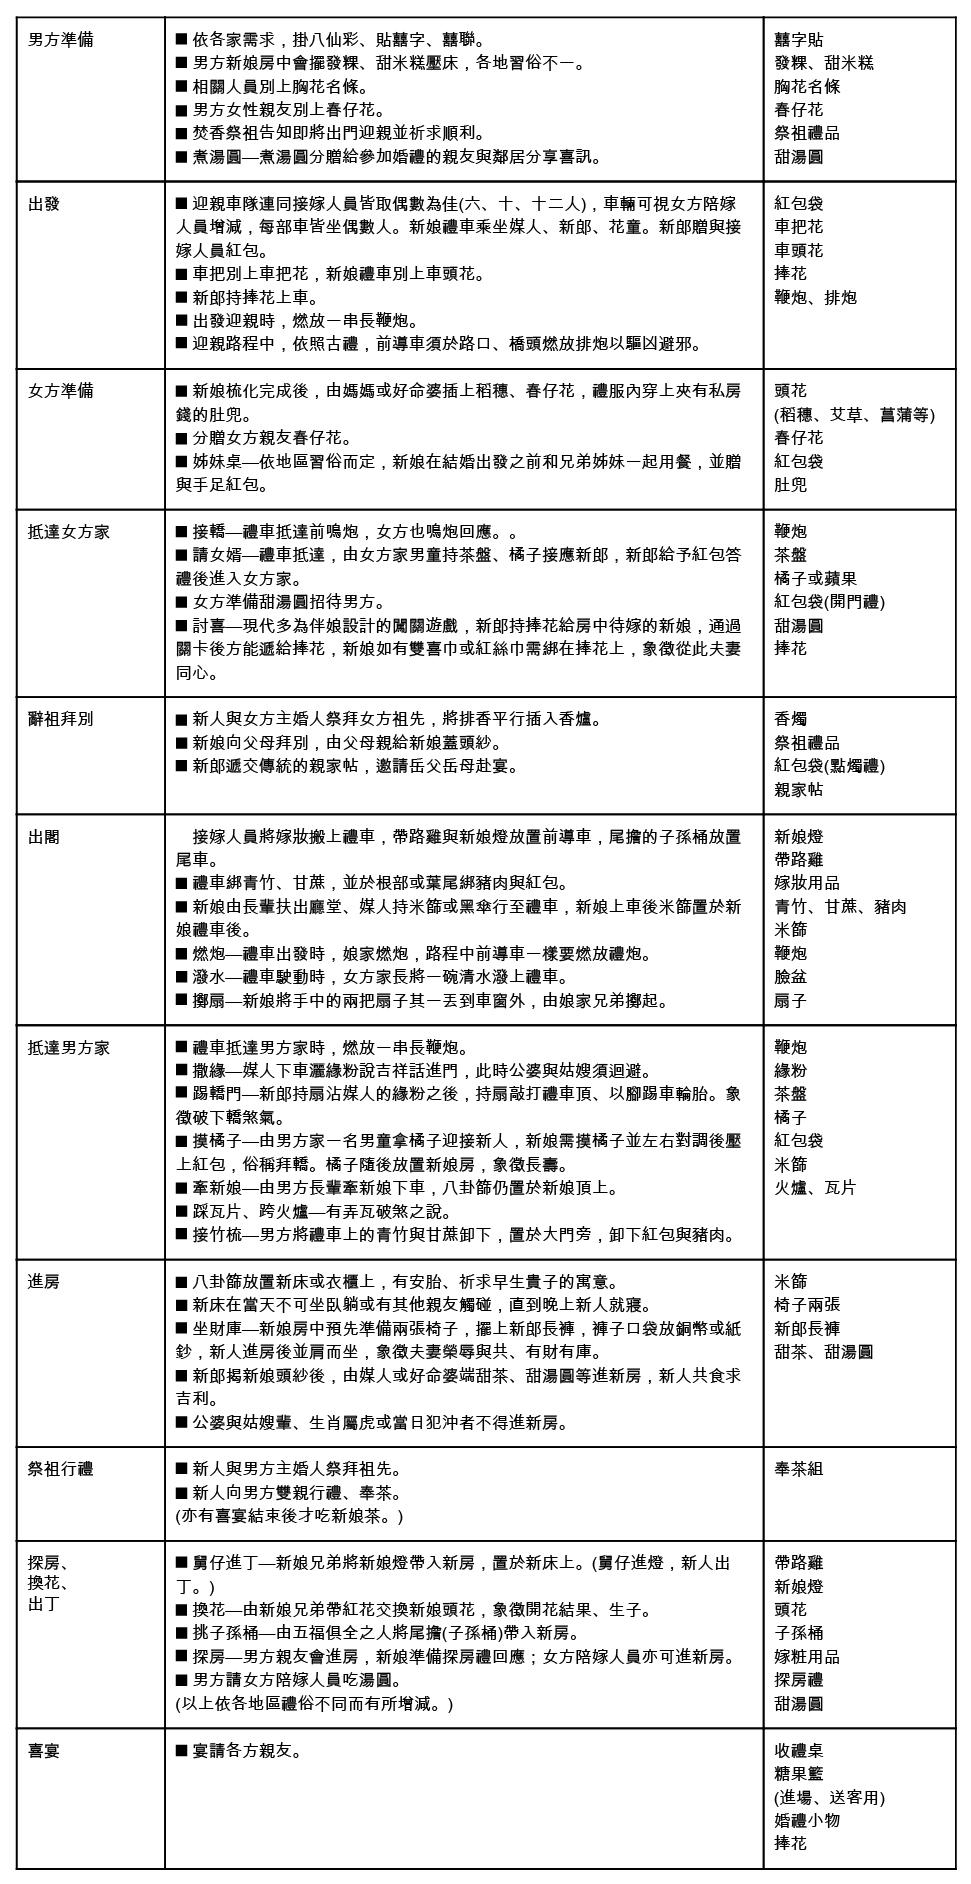 無標題文件 (2)-01.jpg